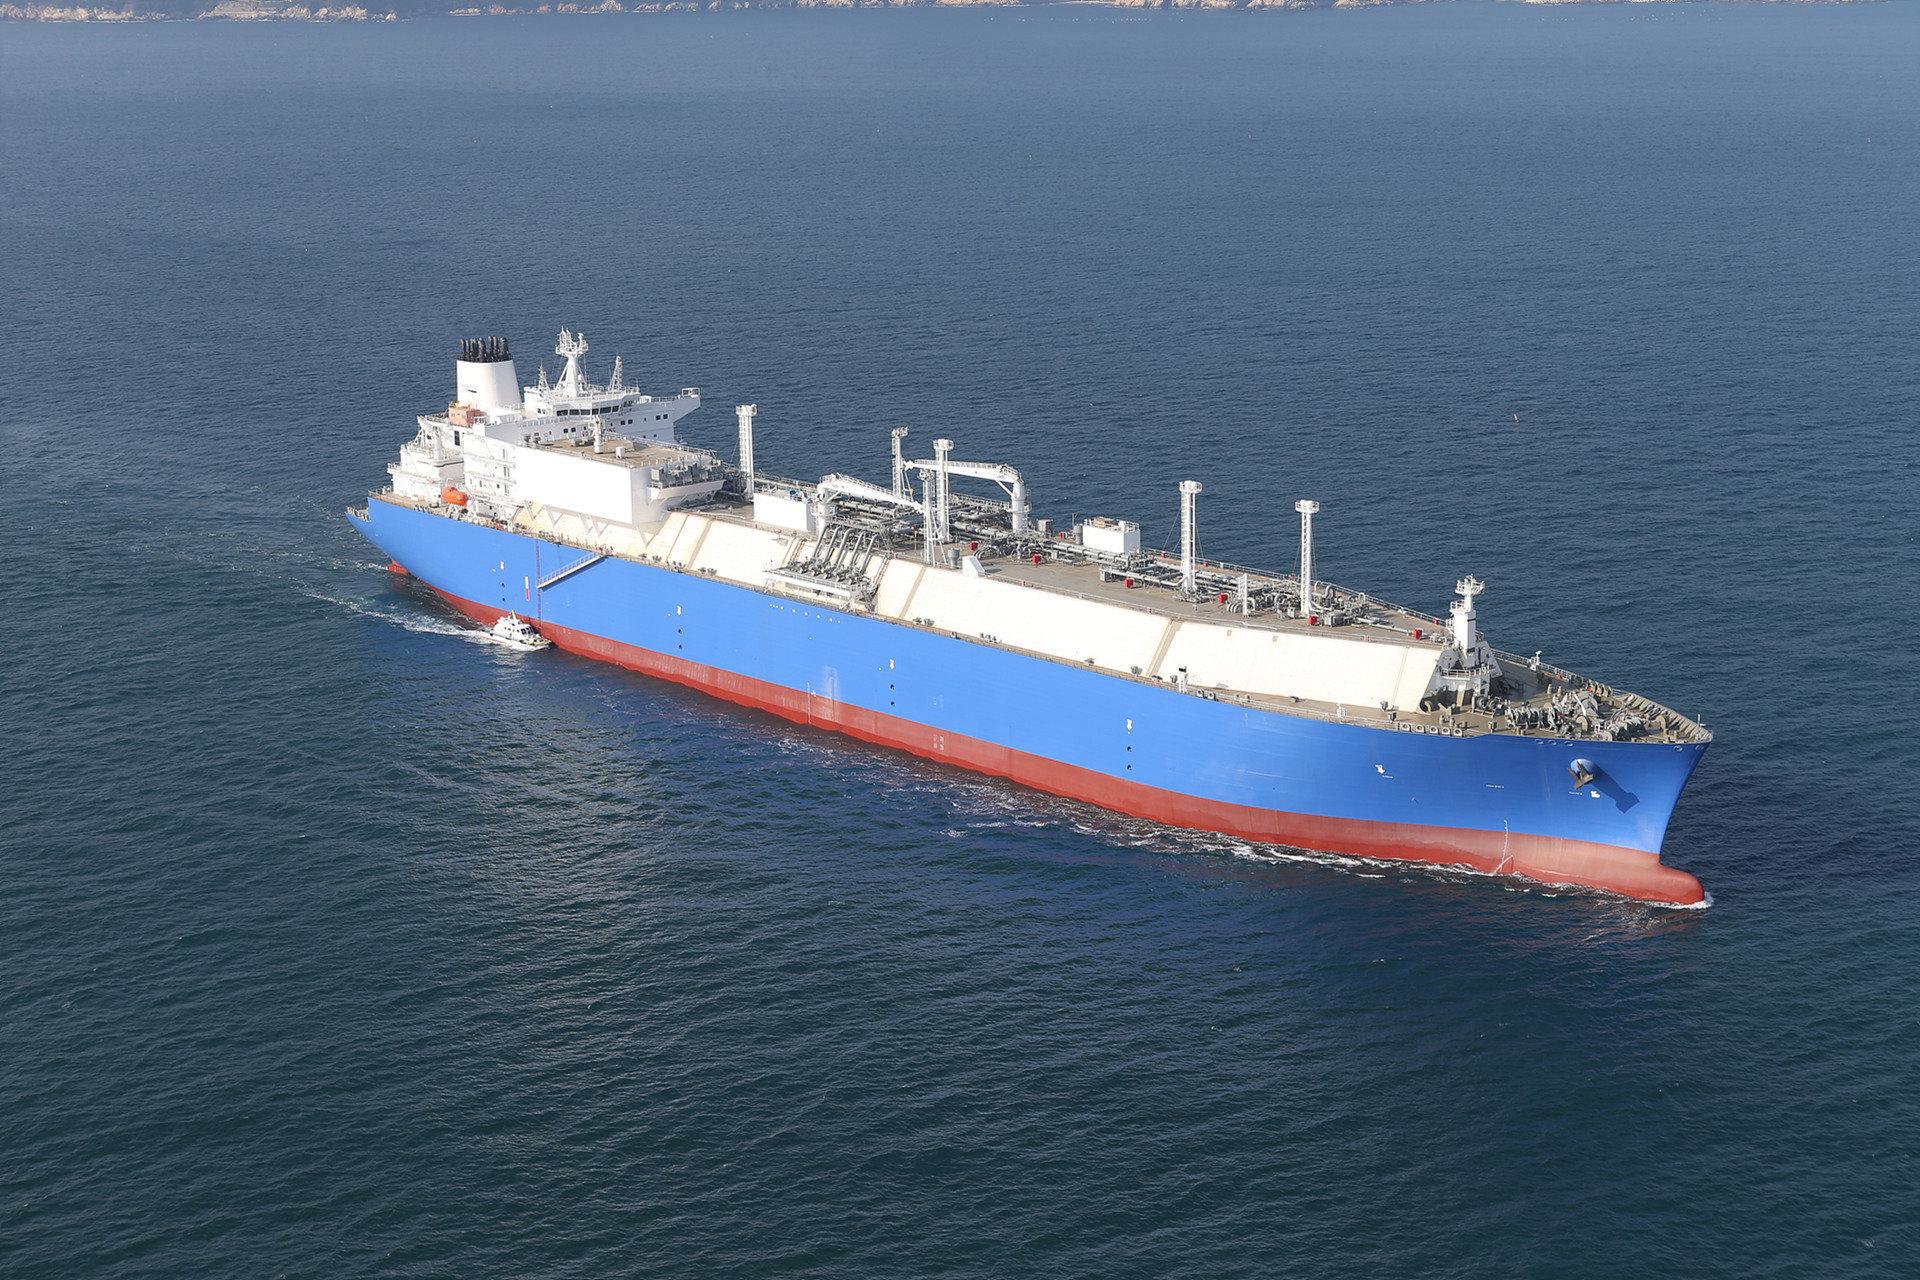 LNG 선에 대한 이미지 검색결과